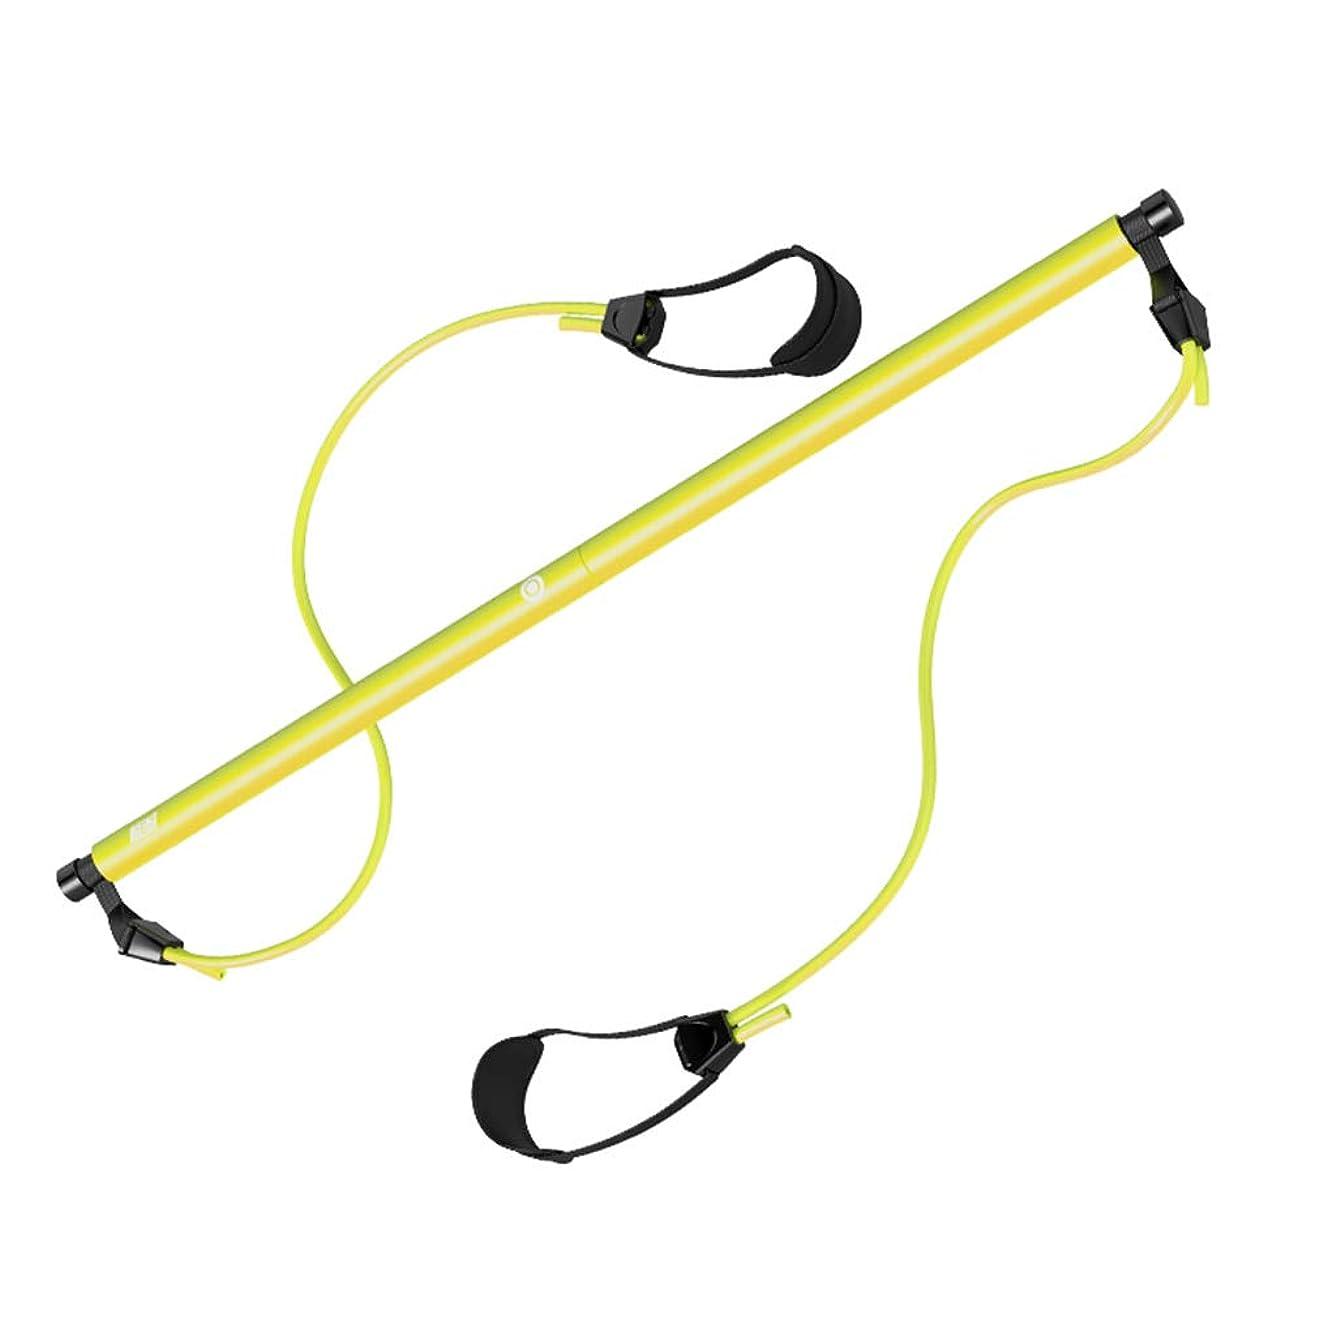 規範にはまって増加するホーム多機能ラリーフィットネス機器薄い腹の女性の弾性バンド弾性ロープの男性 (色 : イエロー いえろ゜)